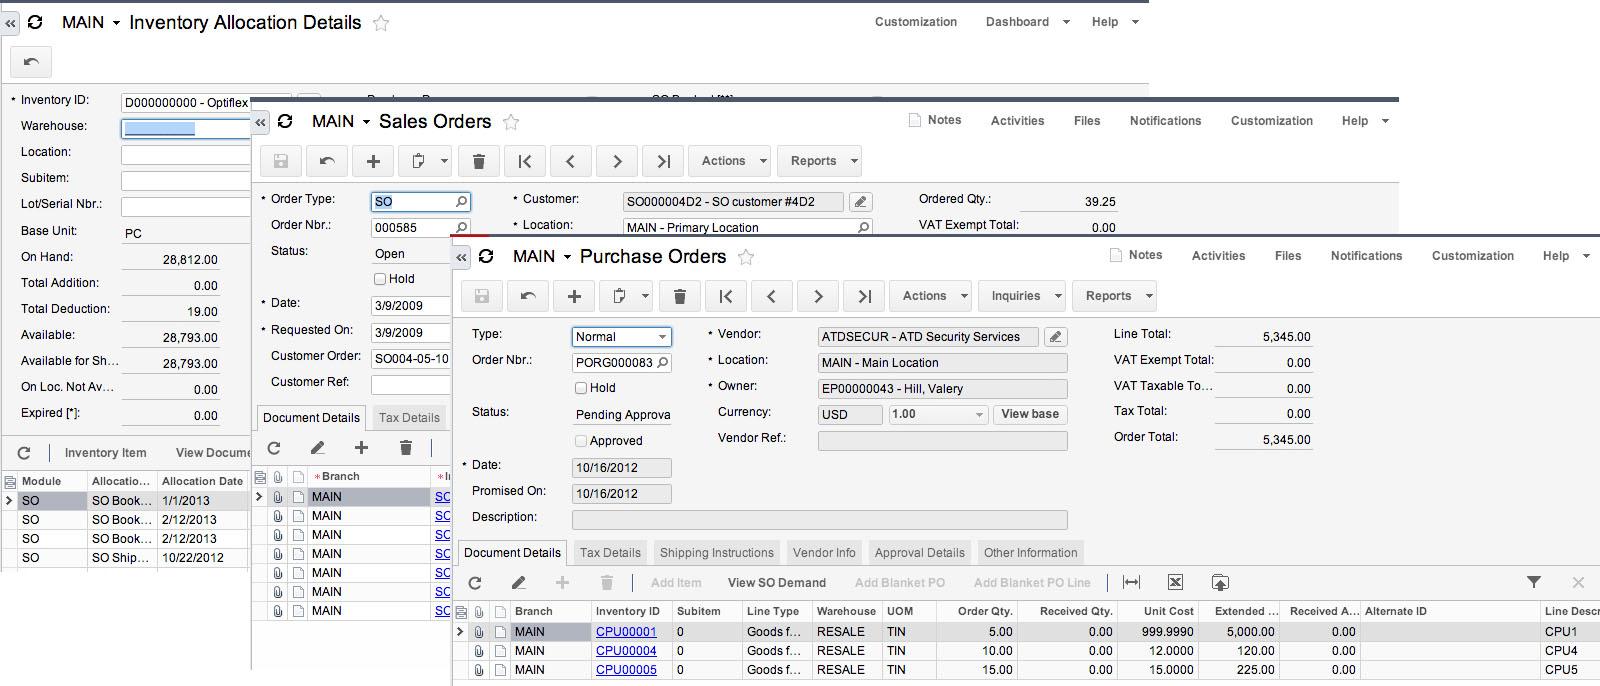 Acumatica Cloud ERP Products - Distribution Management Suite